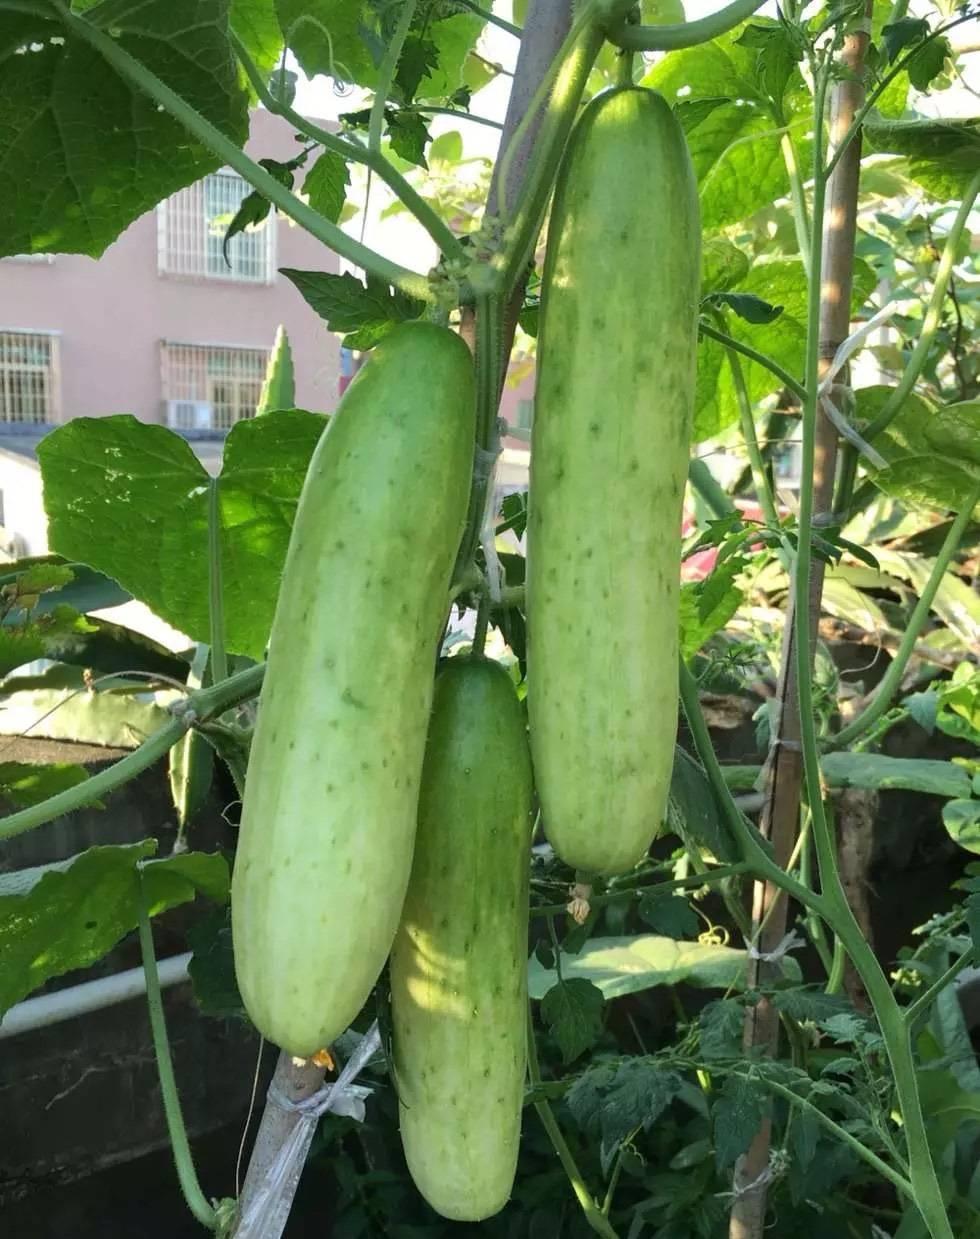 梦见自己家园子里的黄瓜煎了很多,丰收了? 梦到菜地好多黄瓜